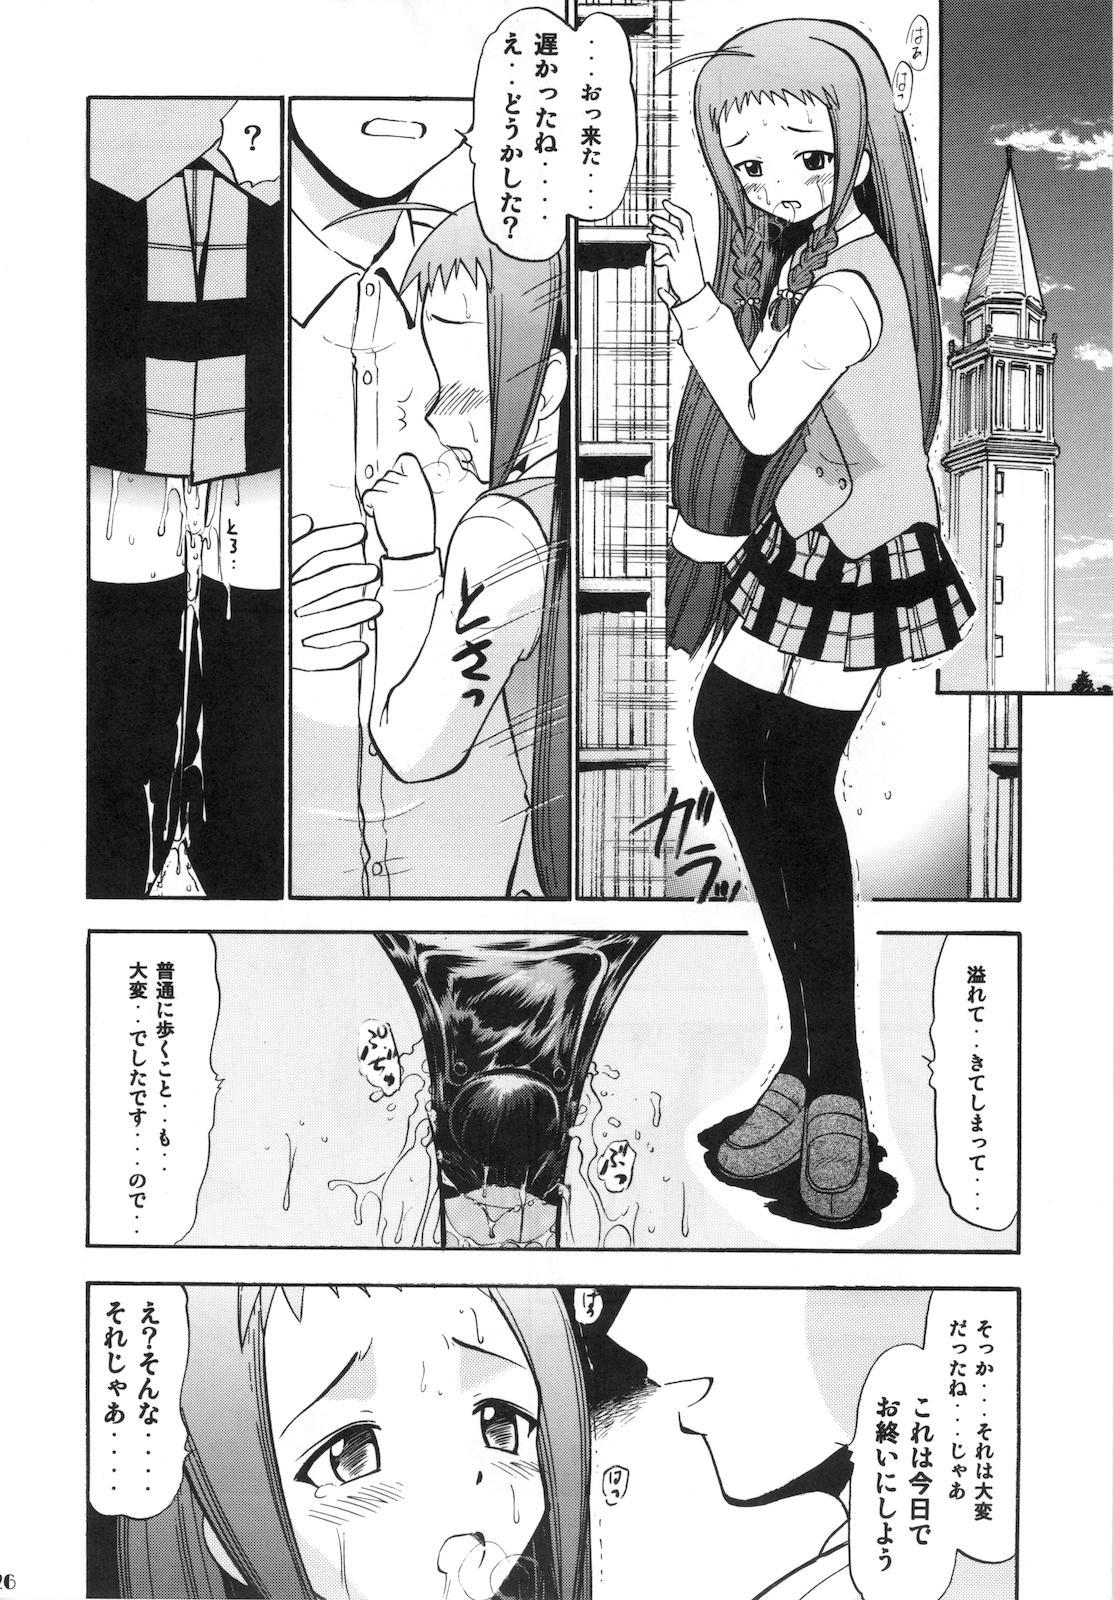 Yue no Koisuru Heart 25